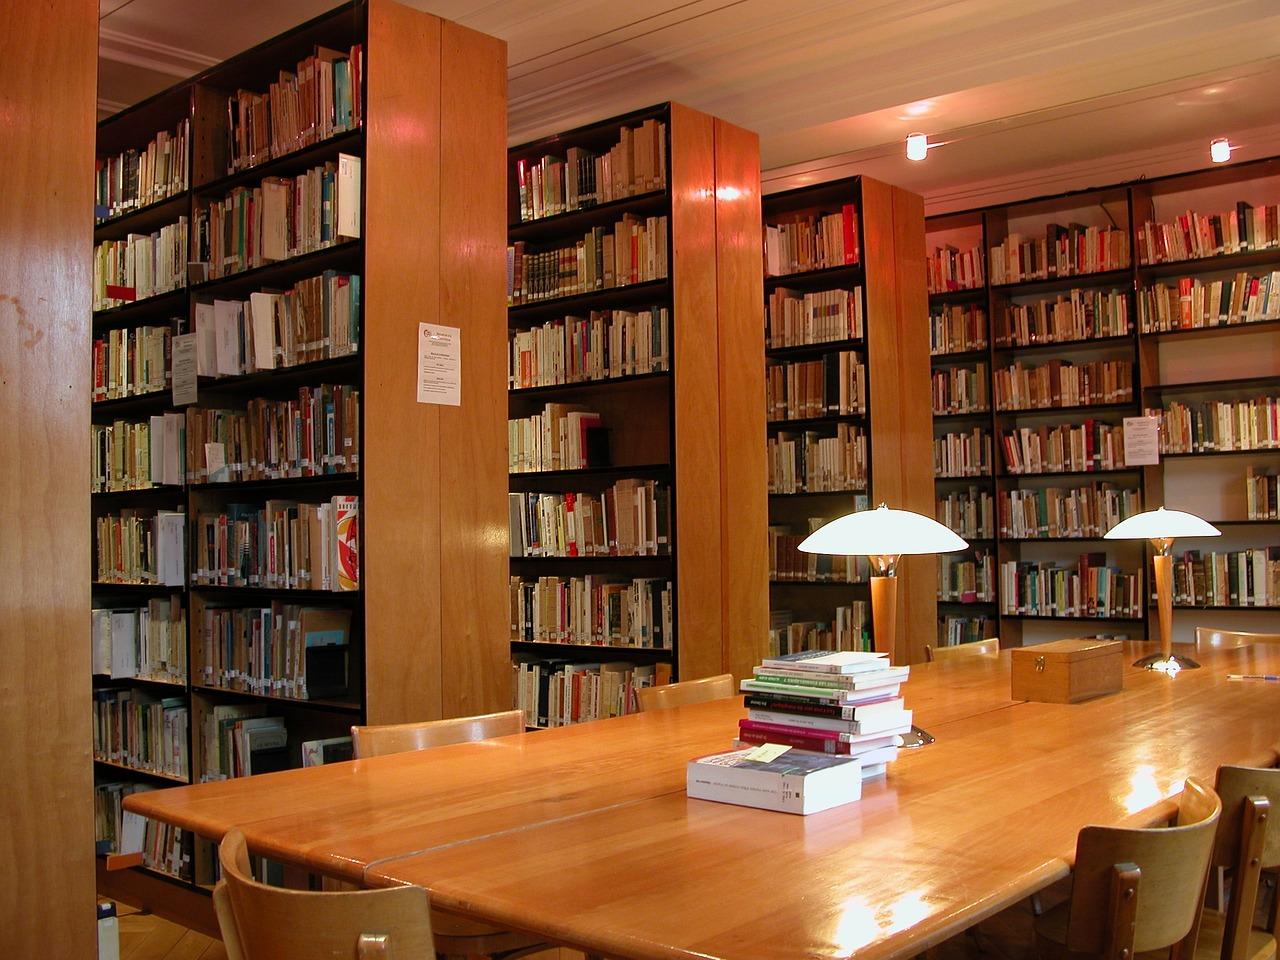 Фотографии книг и библиотек